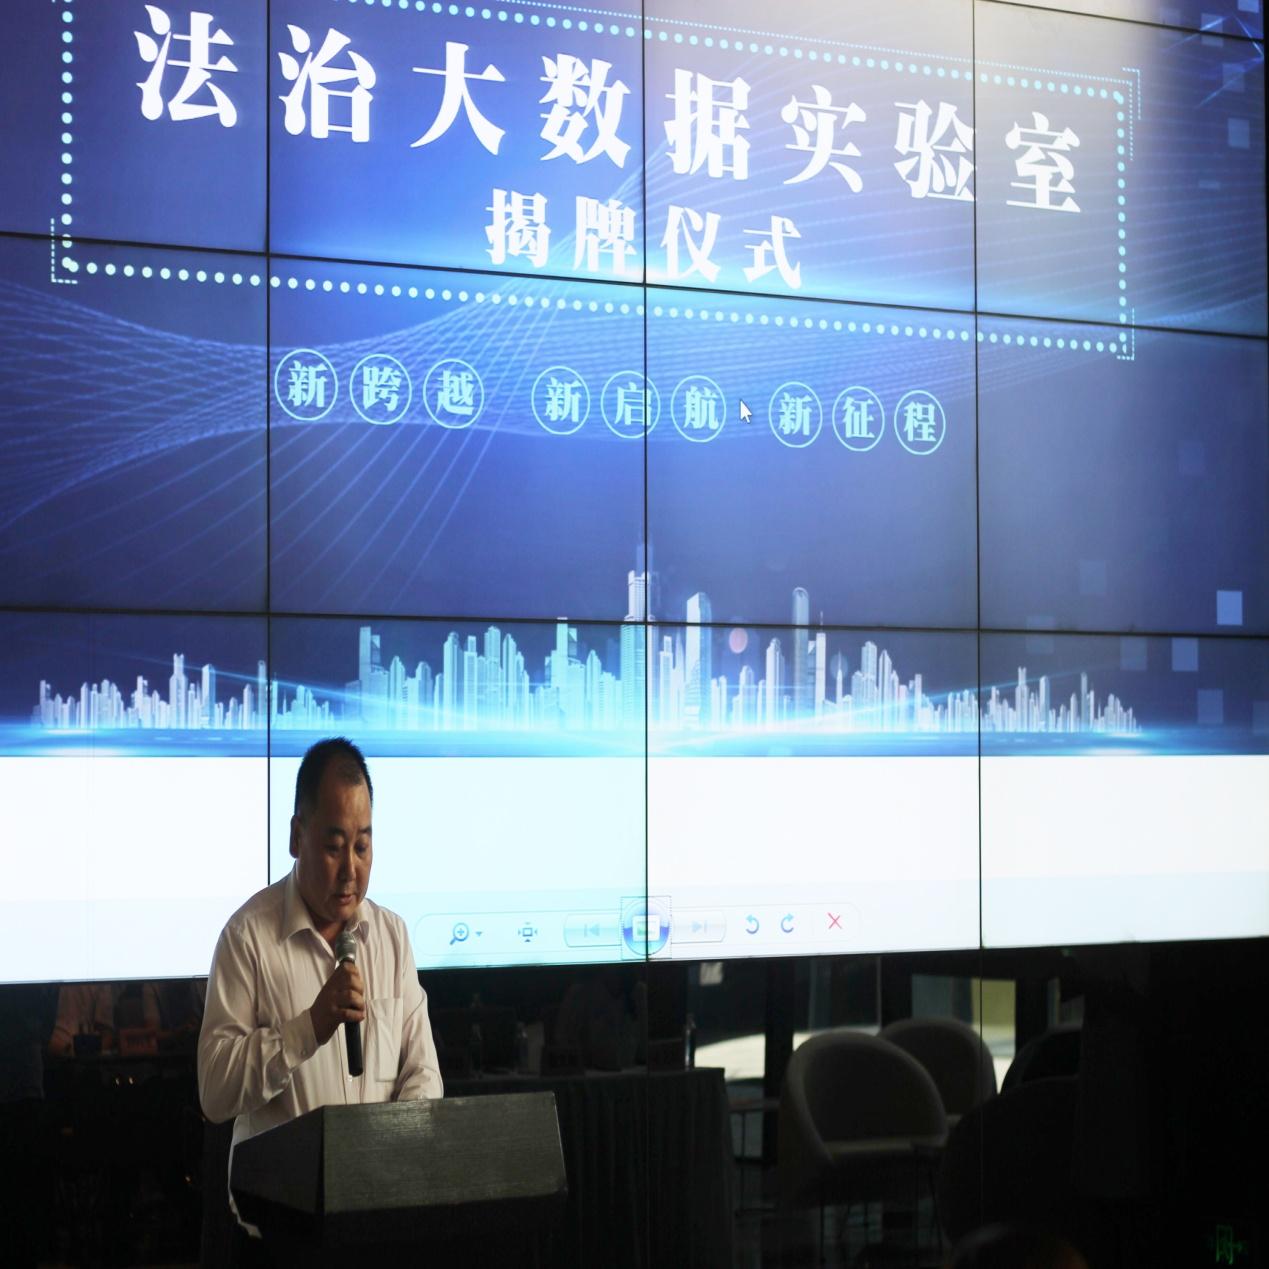 新起点 新征程 携手共建法治大数据资产运营新市场